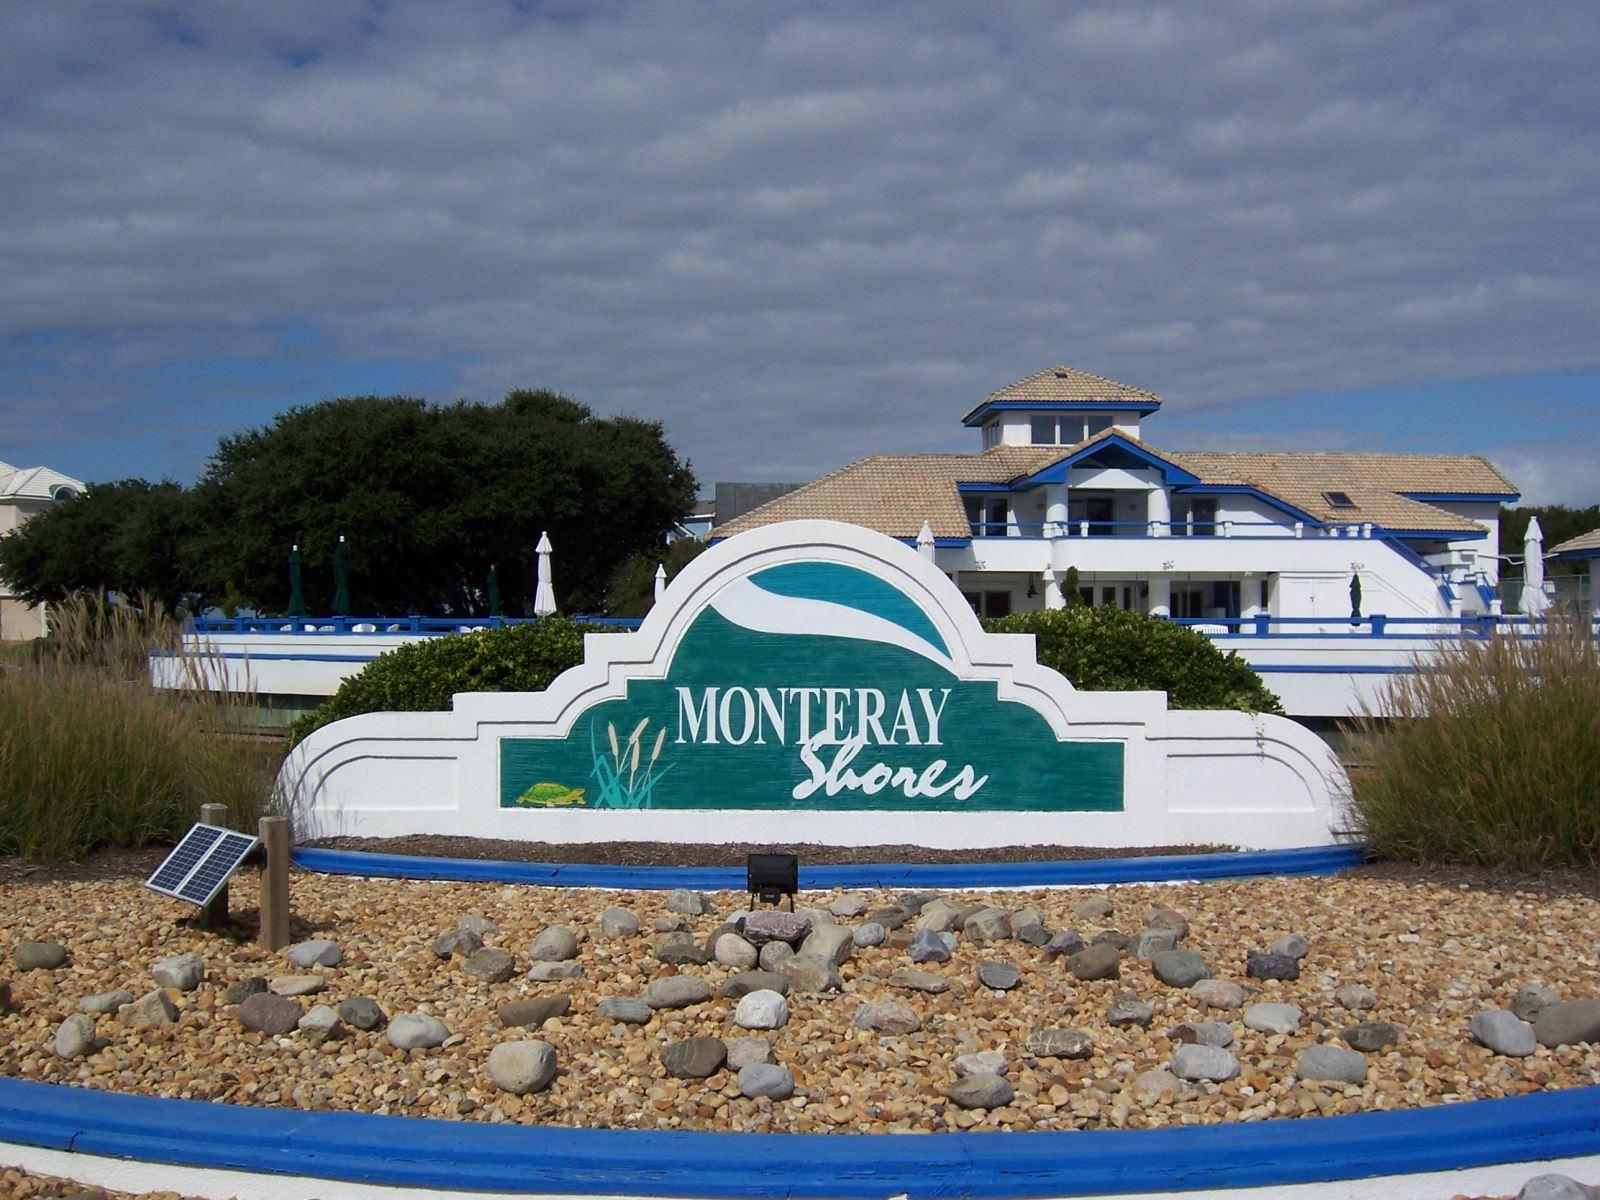 Monteray Shores Real Estate